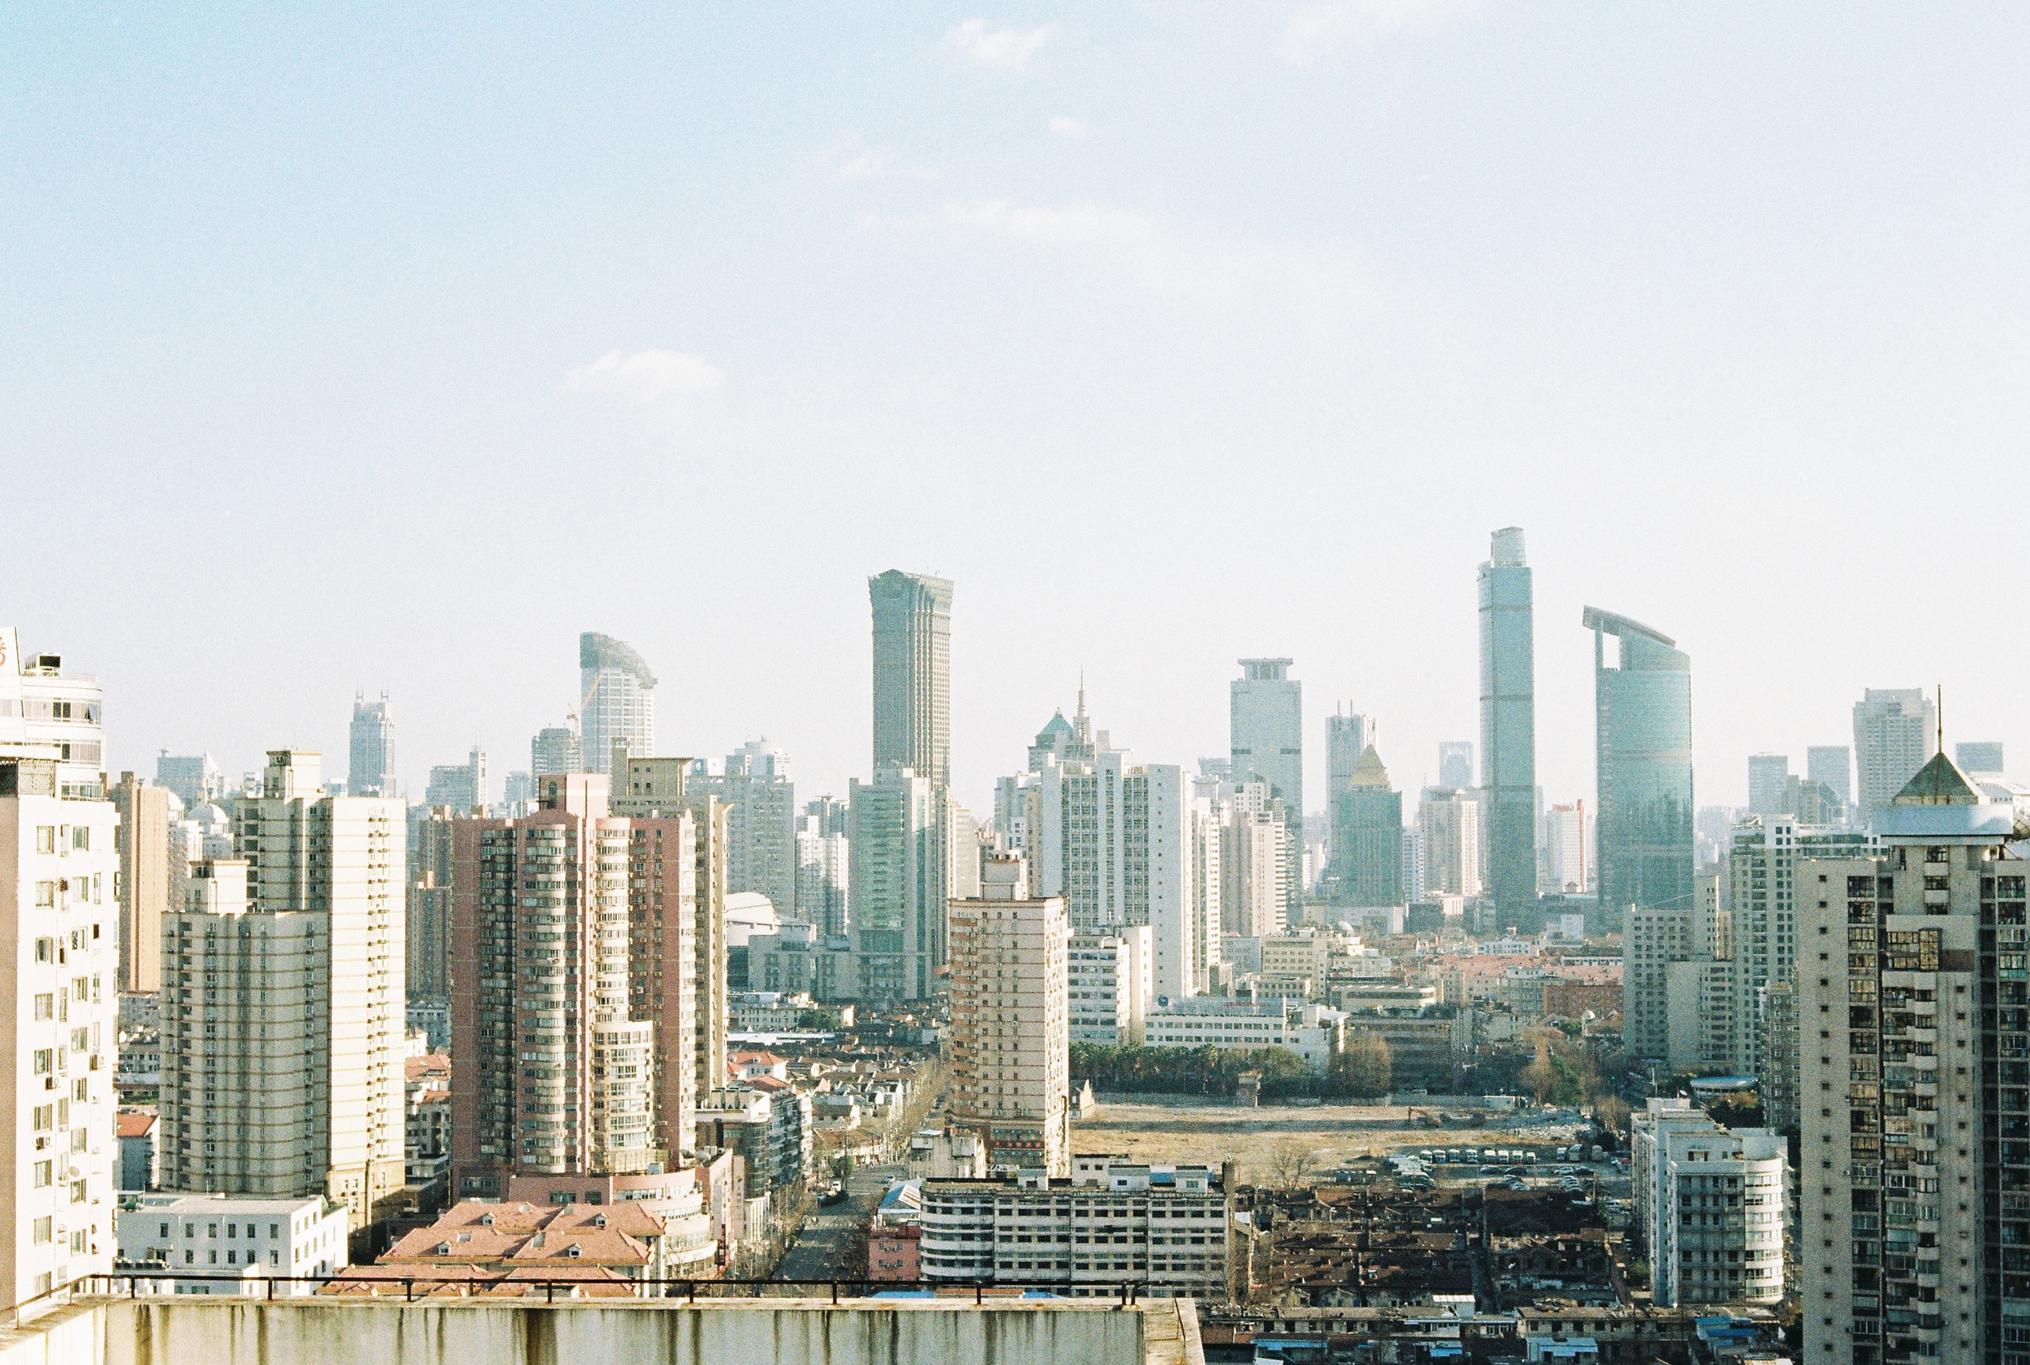 Shanghai Seleção _ Film 35mm_000005 2.jpg